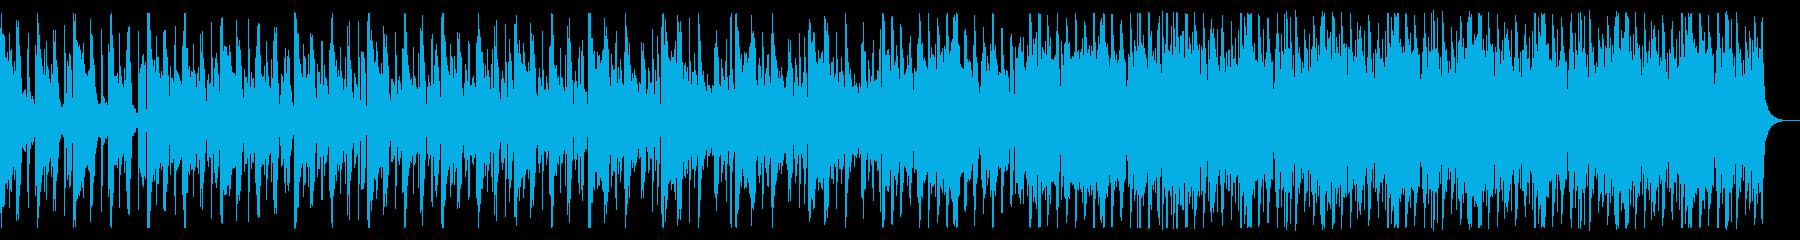 ドライブミュージック_No632_3の再生済みの波形